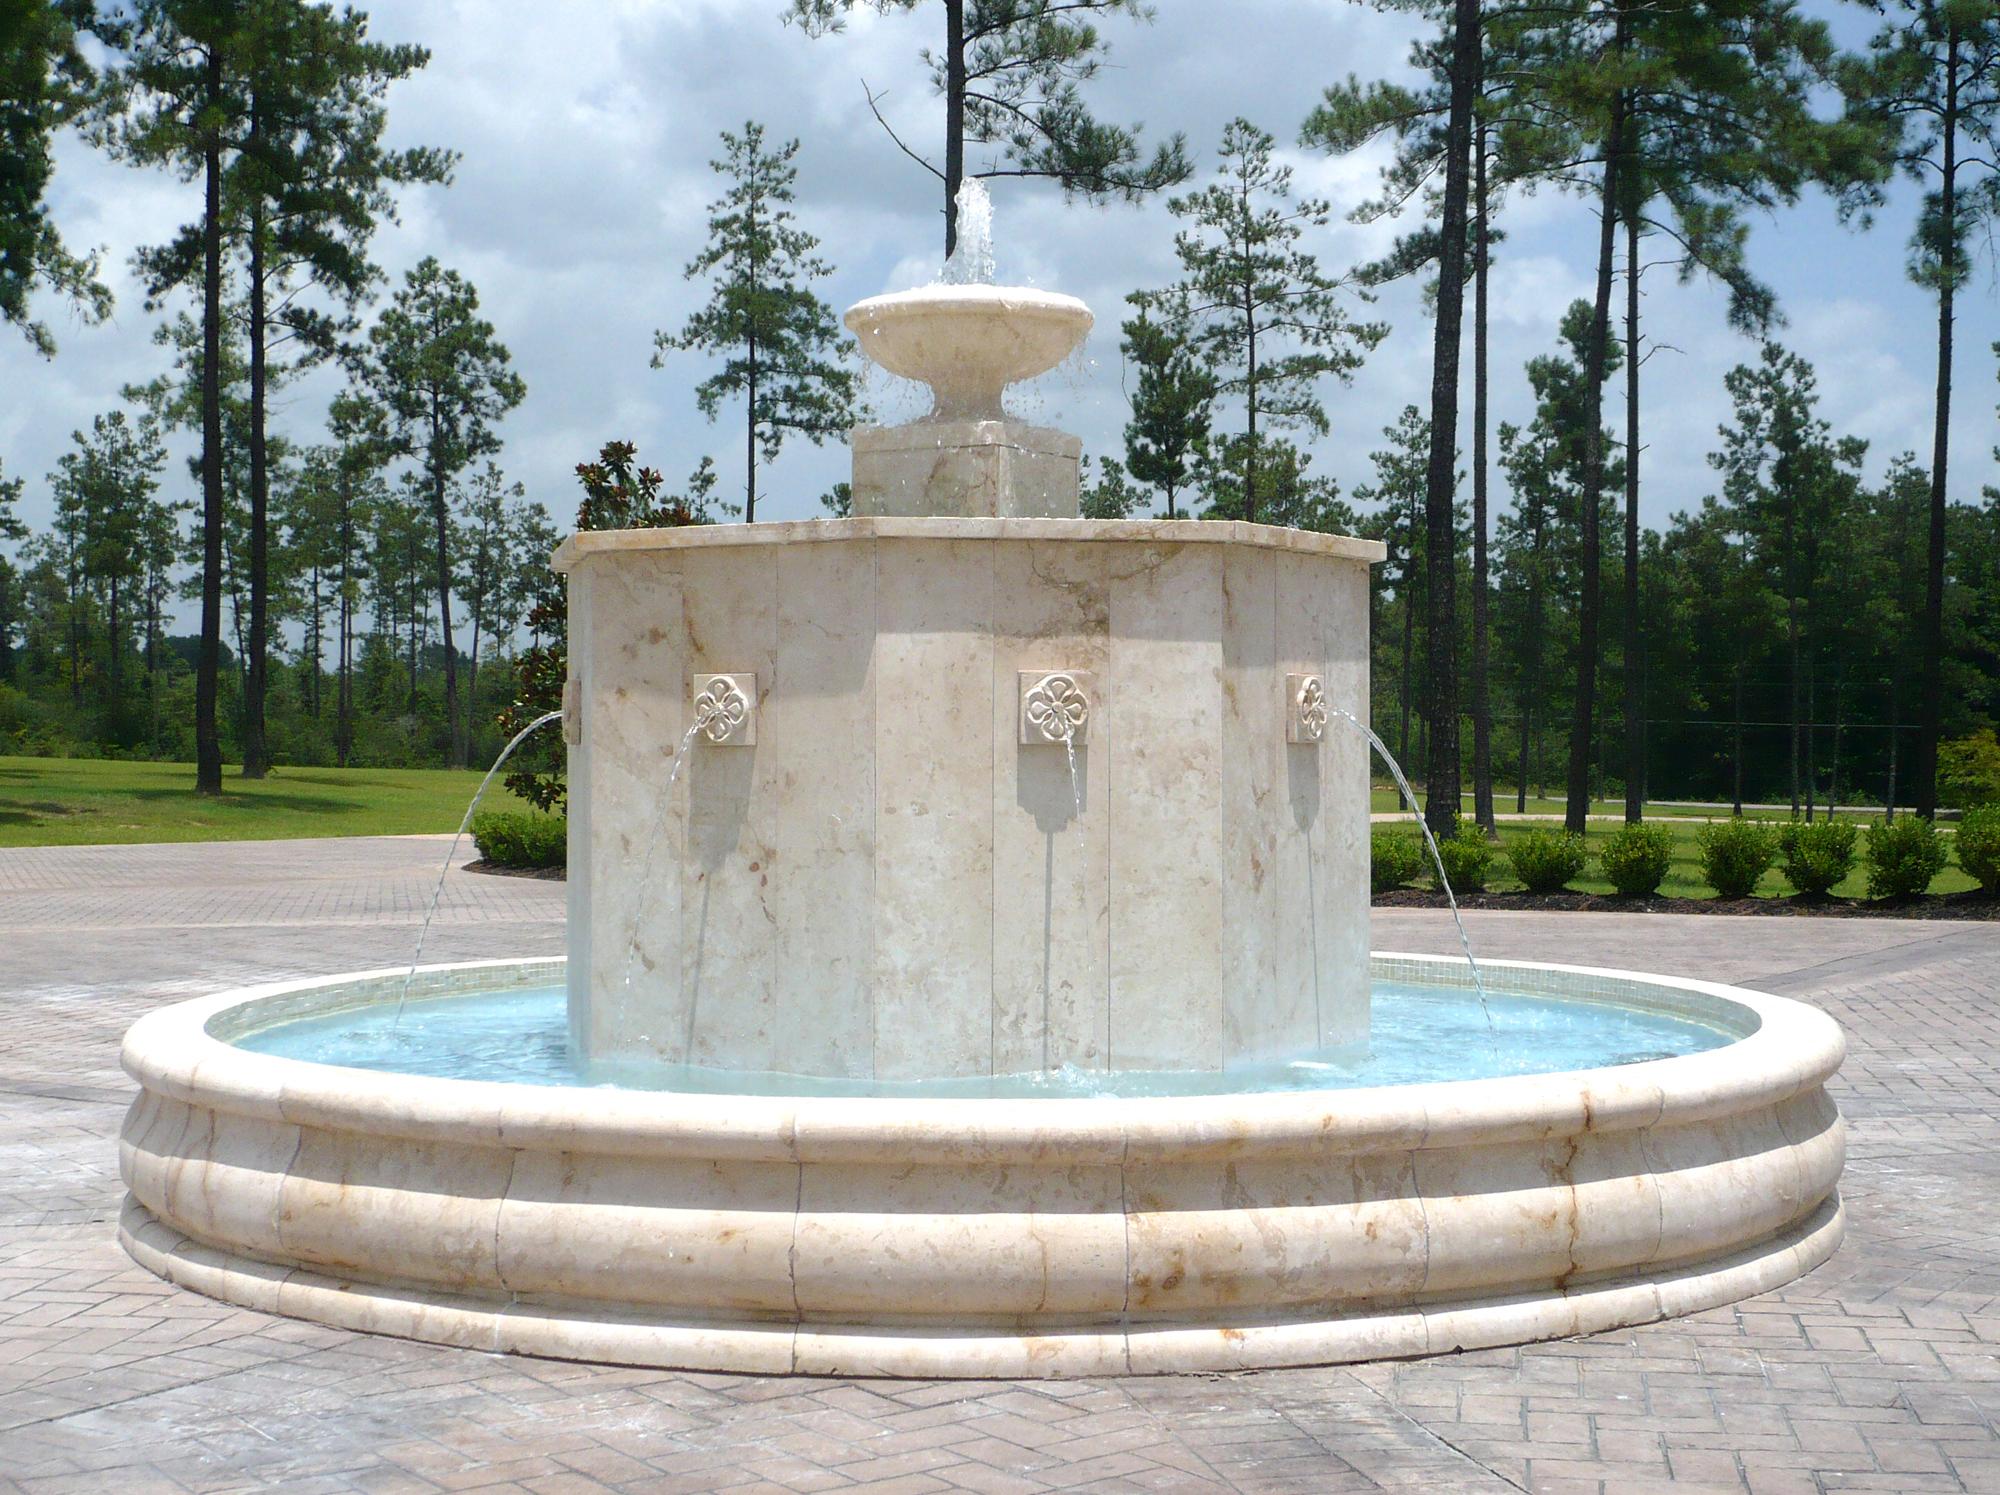 7.Leto fountain_2000x1495_P1060815.jpg